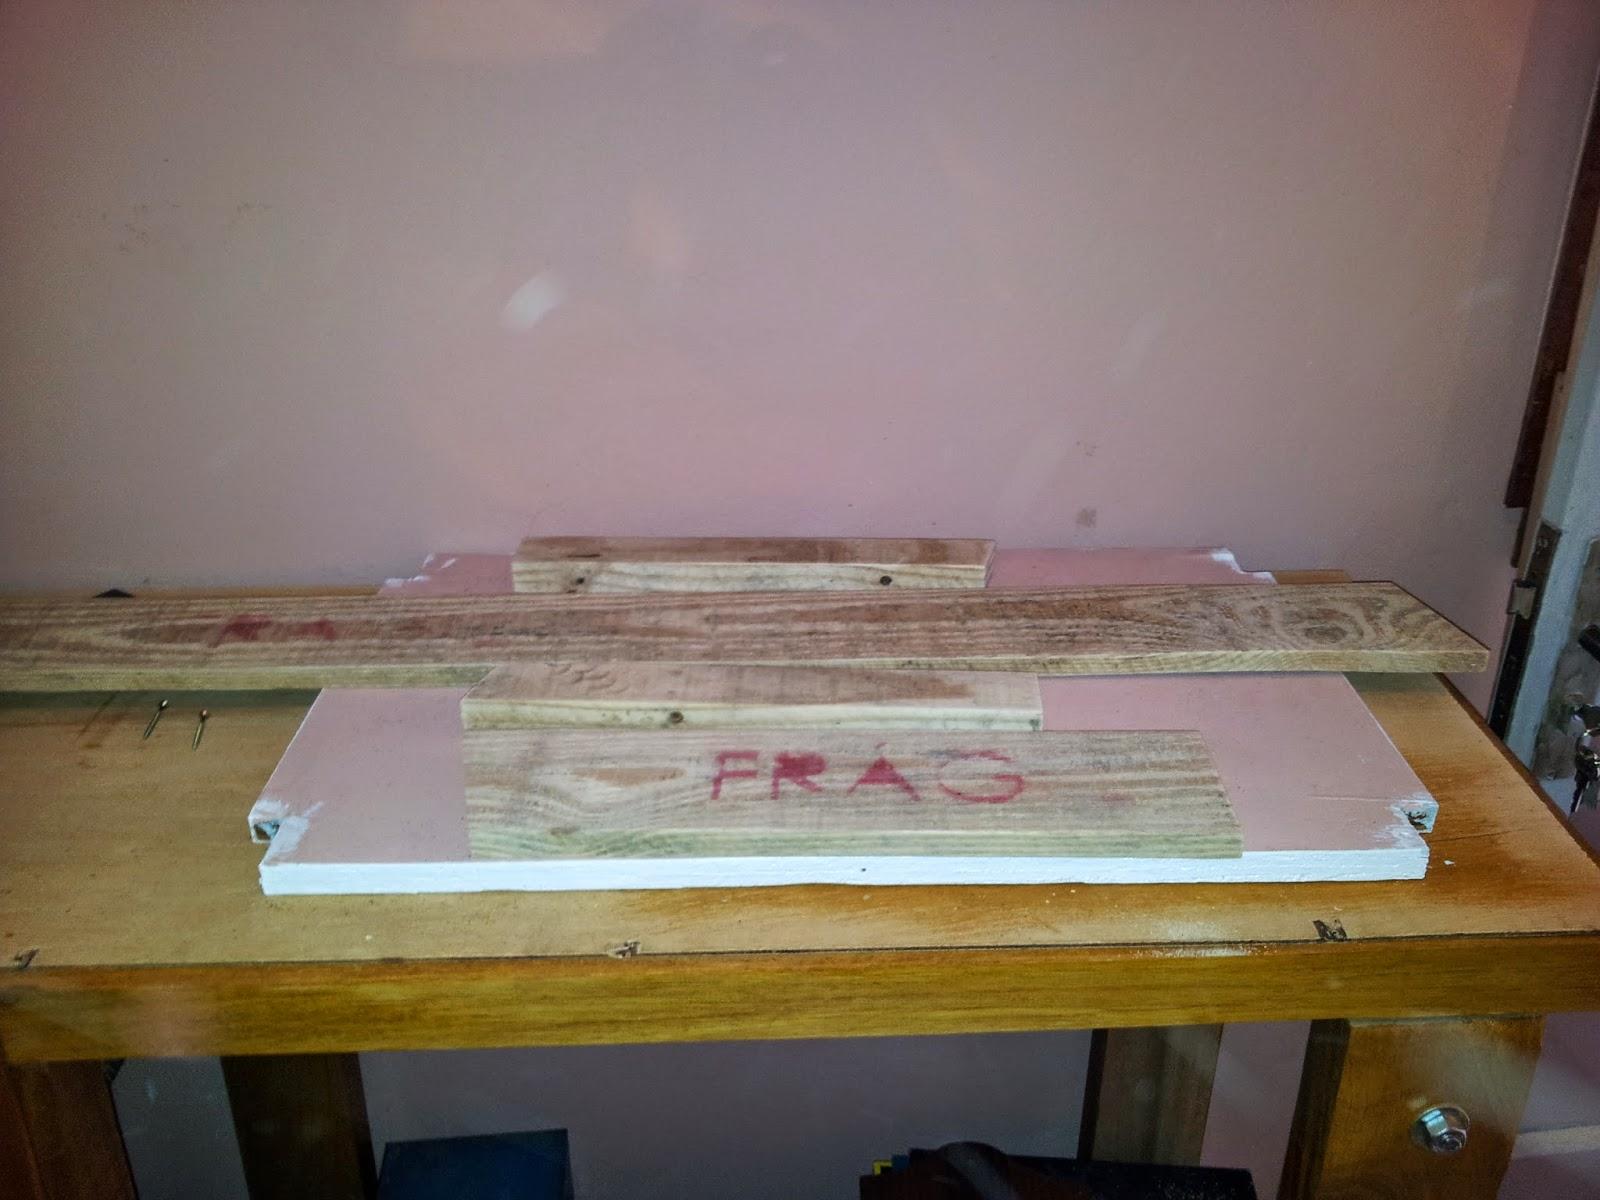 Oficina do Quintal: Como fazer banco de madeira com encosto #806837 1600x1200